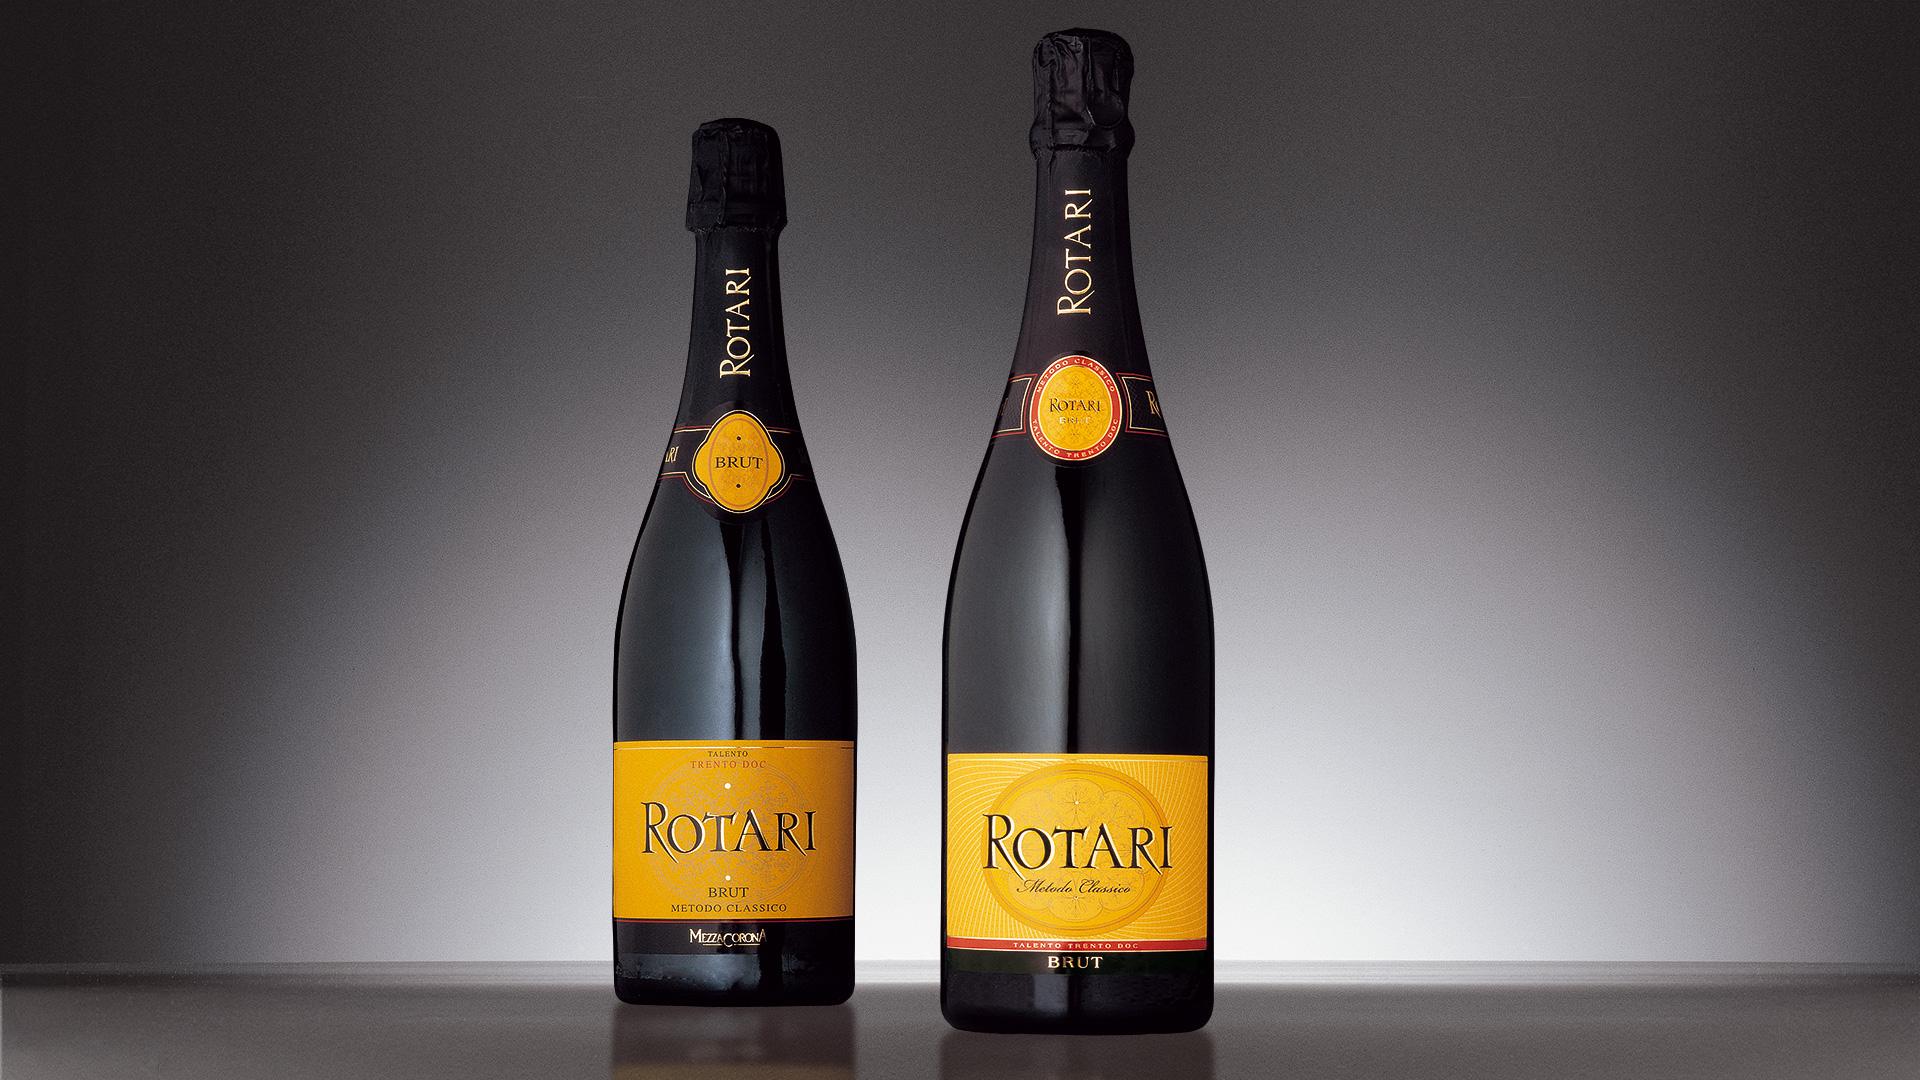 Mezzacorona Rotari bottiglie GDO restyling